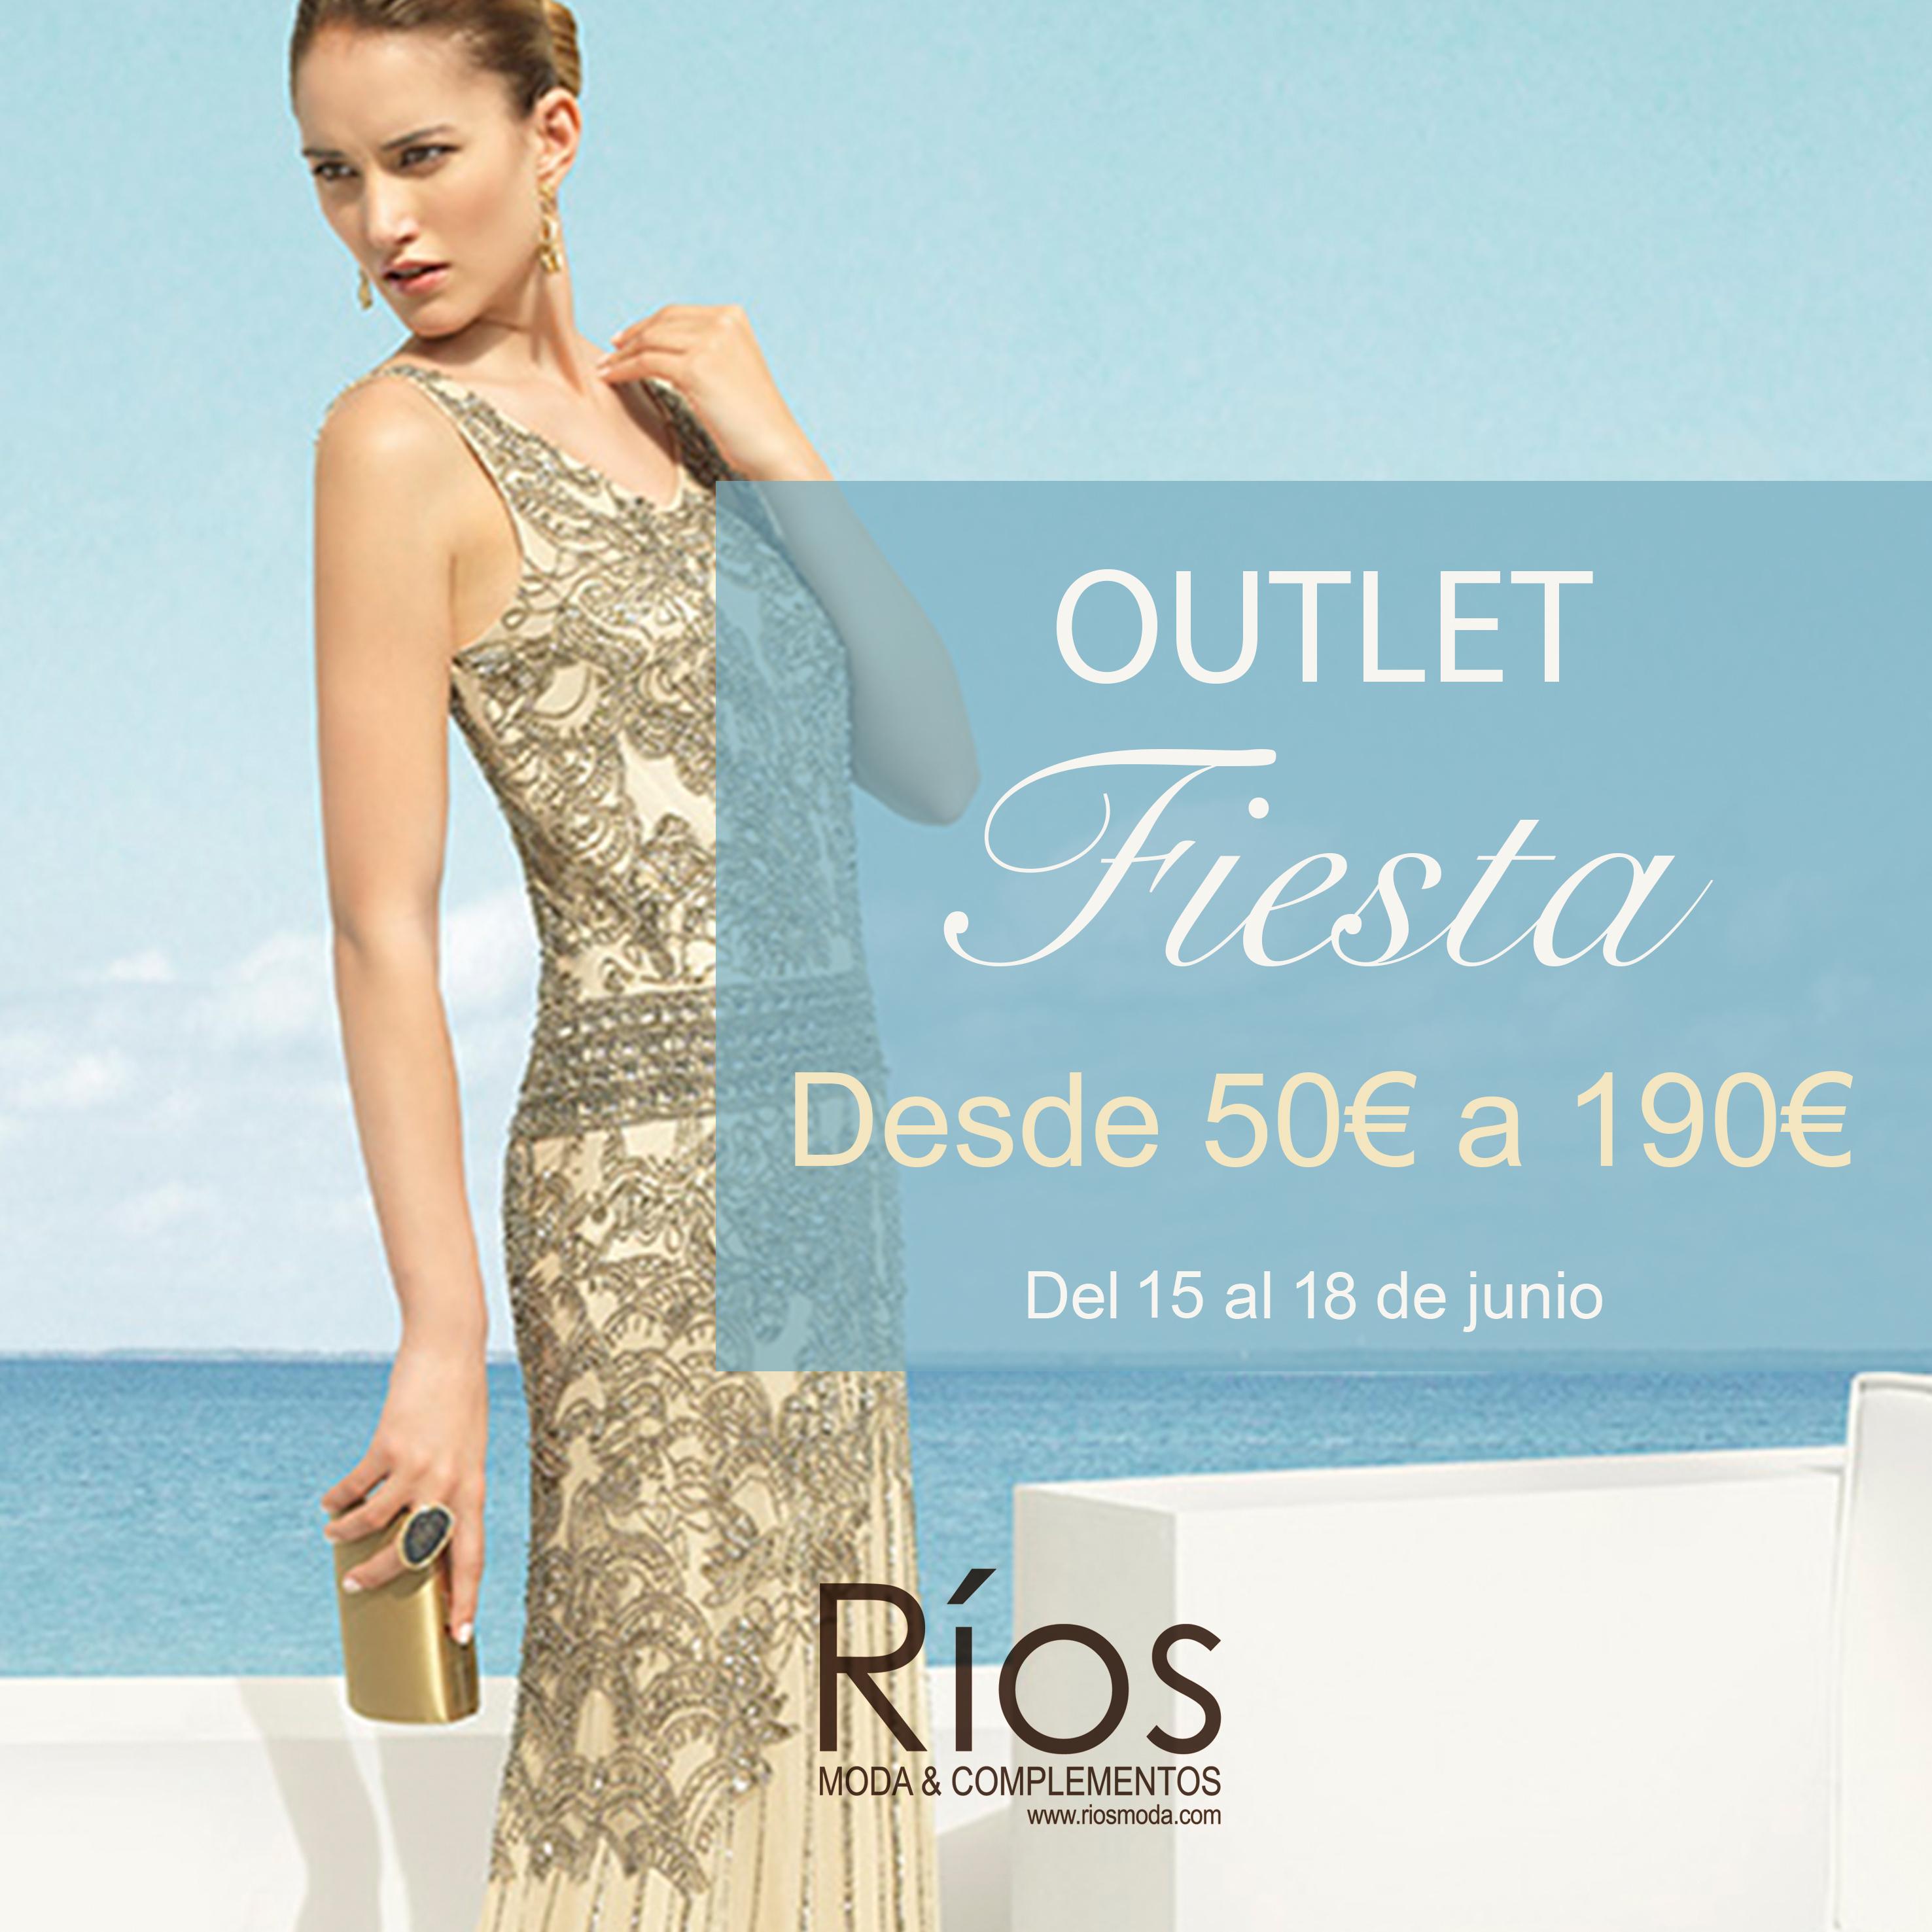 Outlet Fiesta Ríos Moda 50€ a 190€